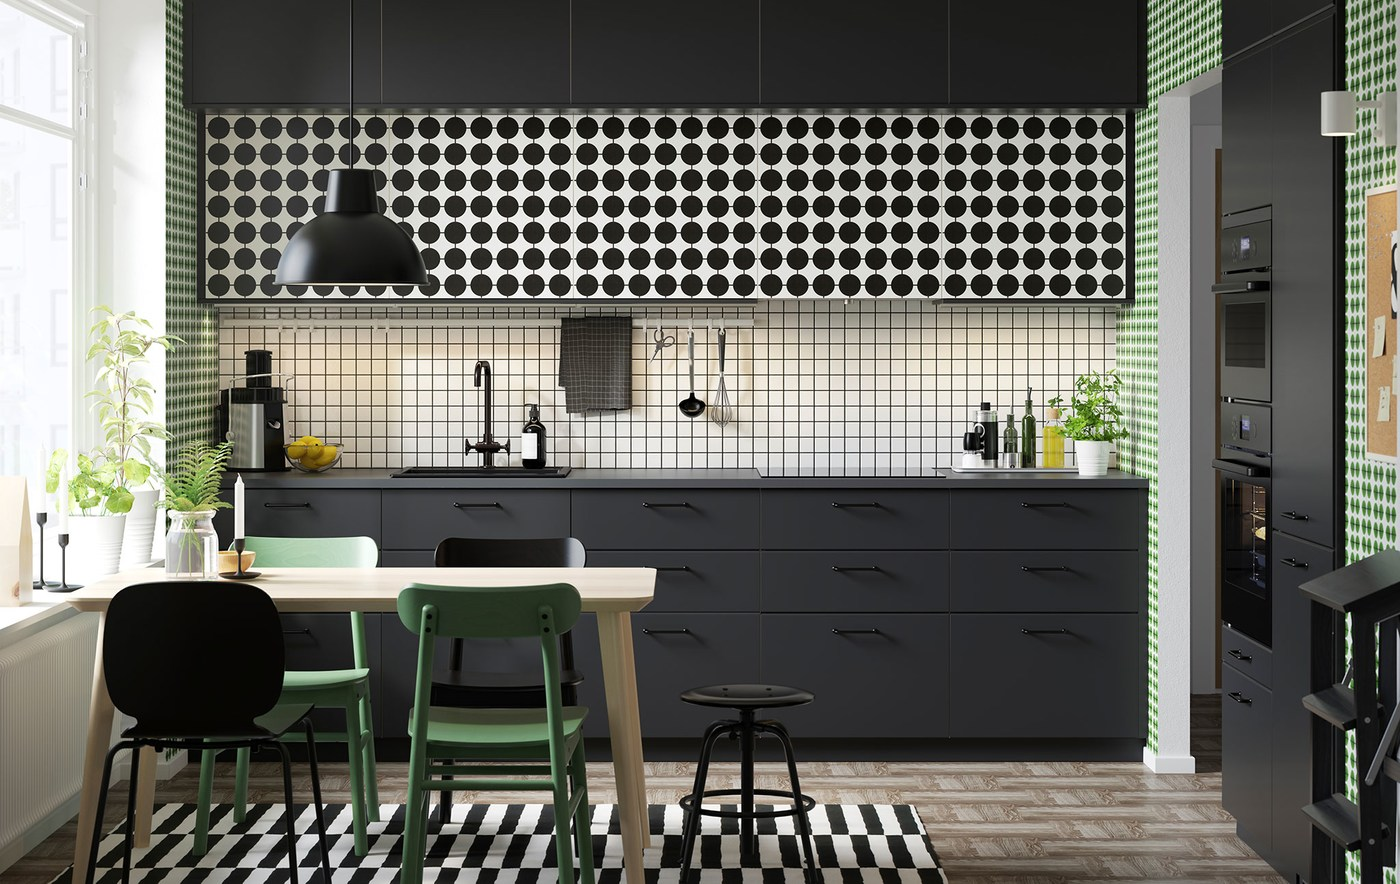 Muebles de cocina - Diseños de cocinas - IKEA®